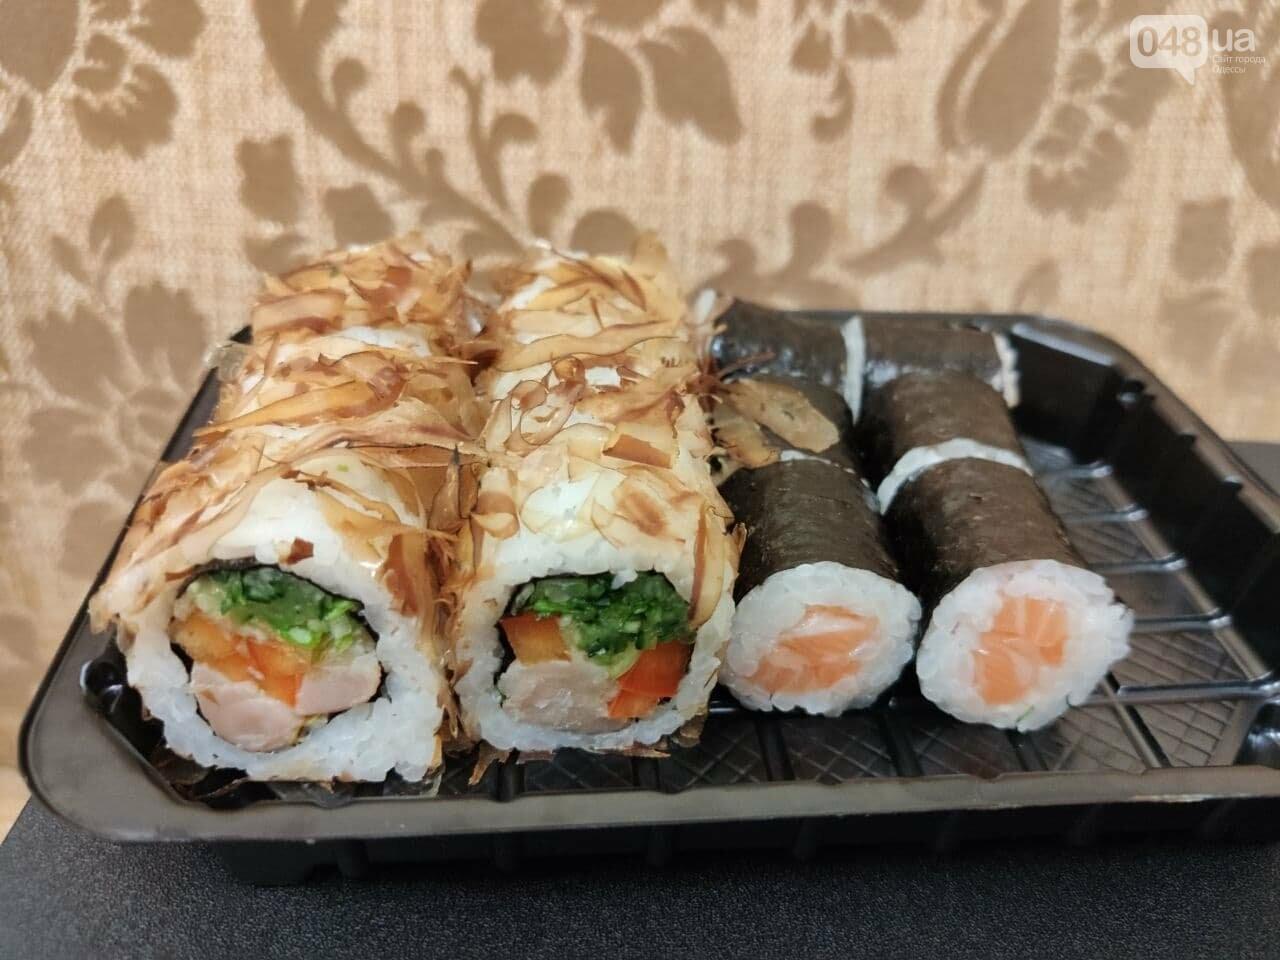 Тестируем доставку килограммового набора роллов из популярной сети суши-баров в Одессе, - ФОТО, фото-8